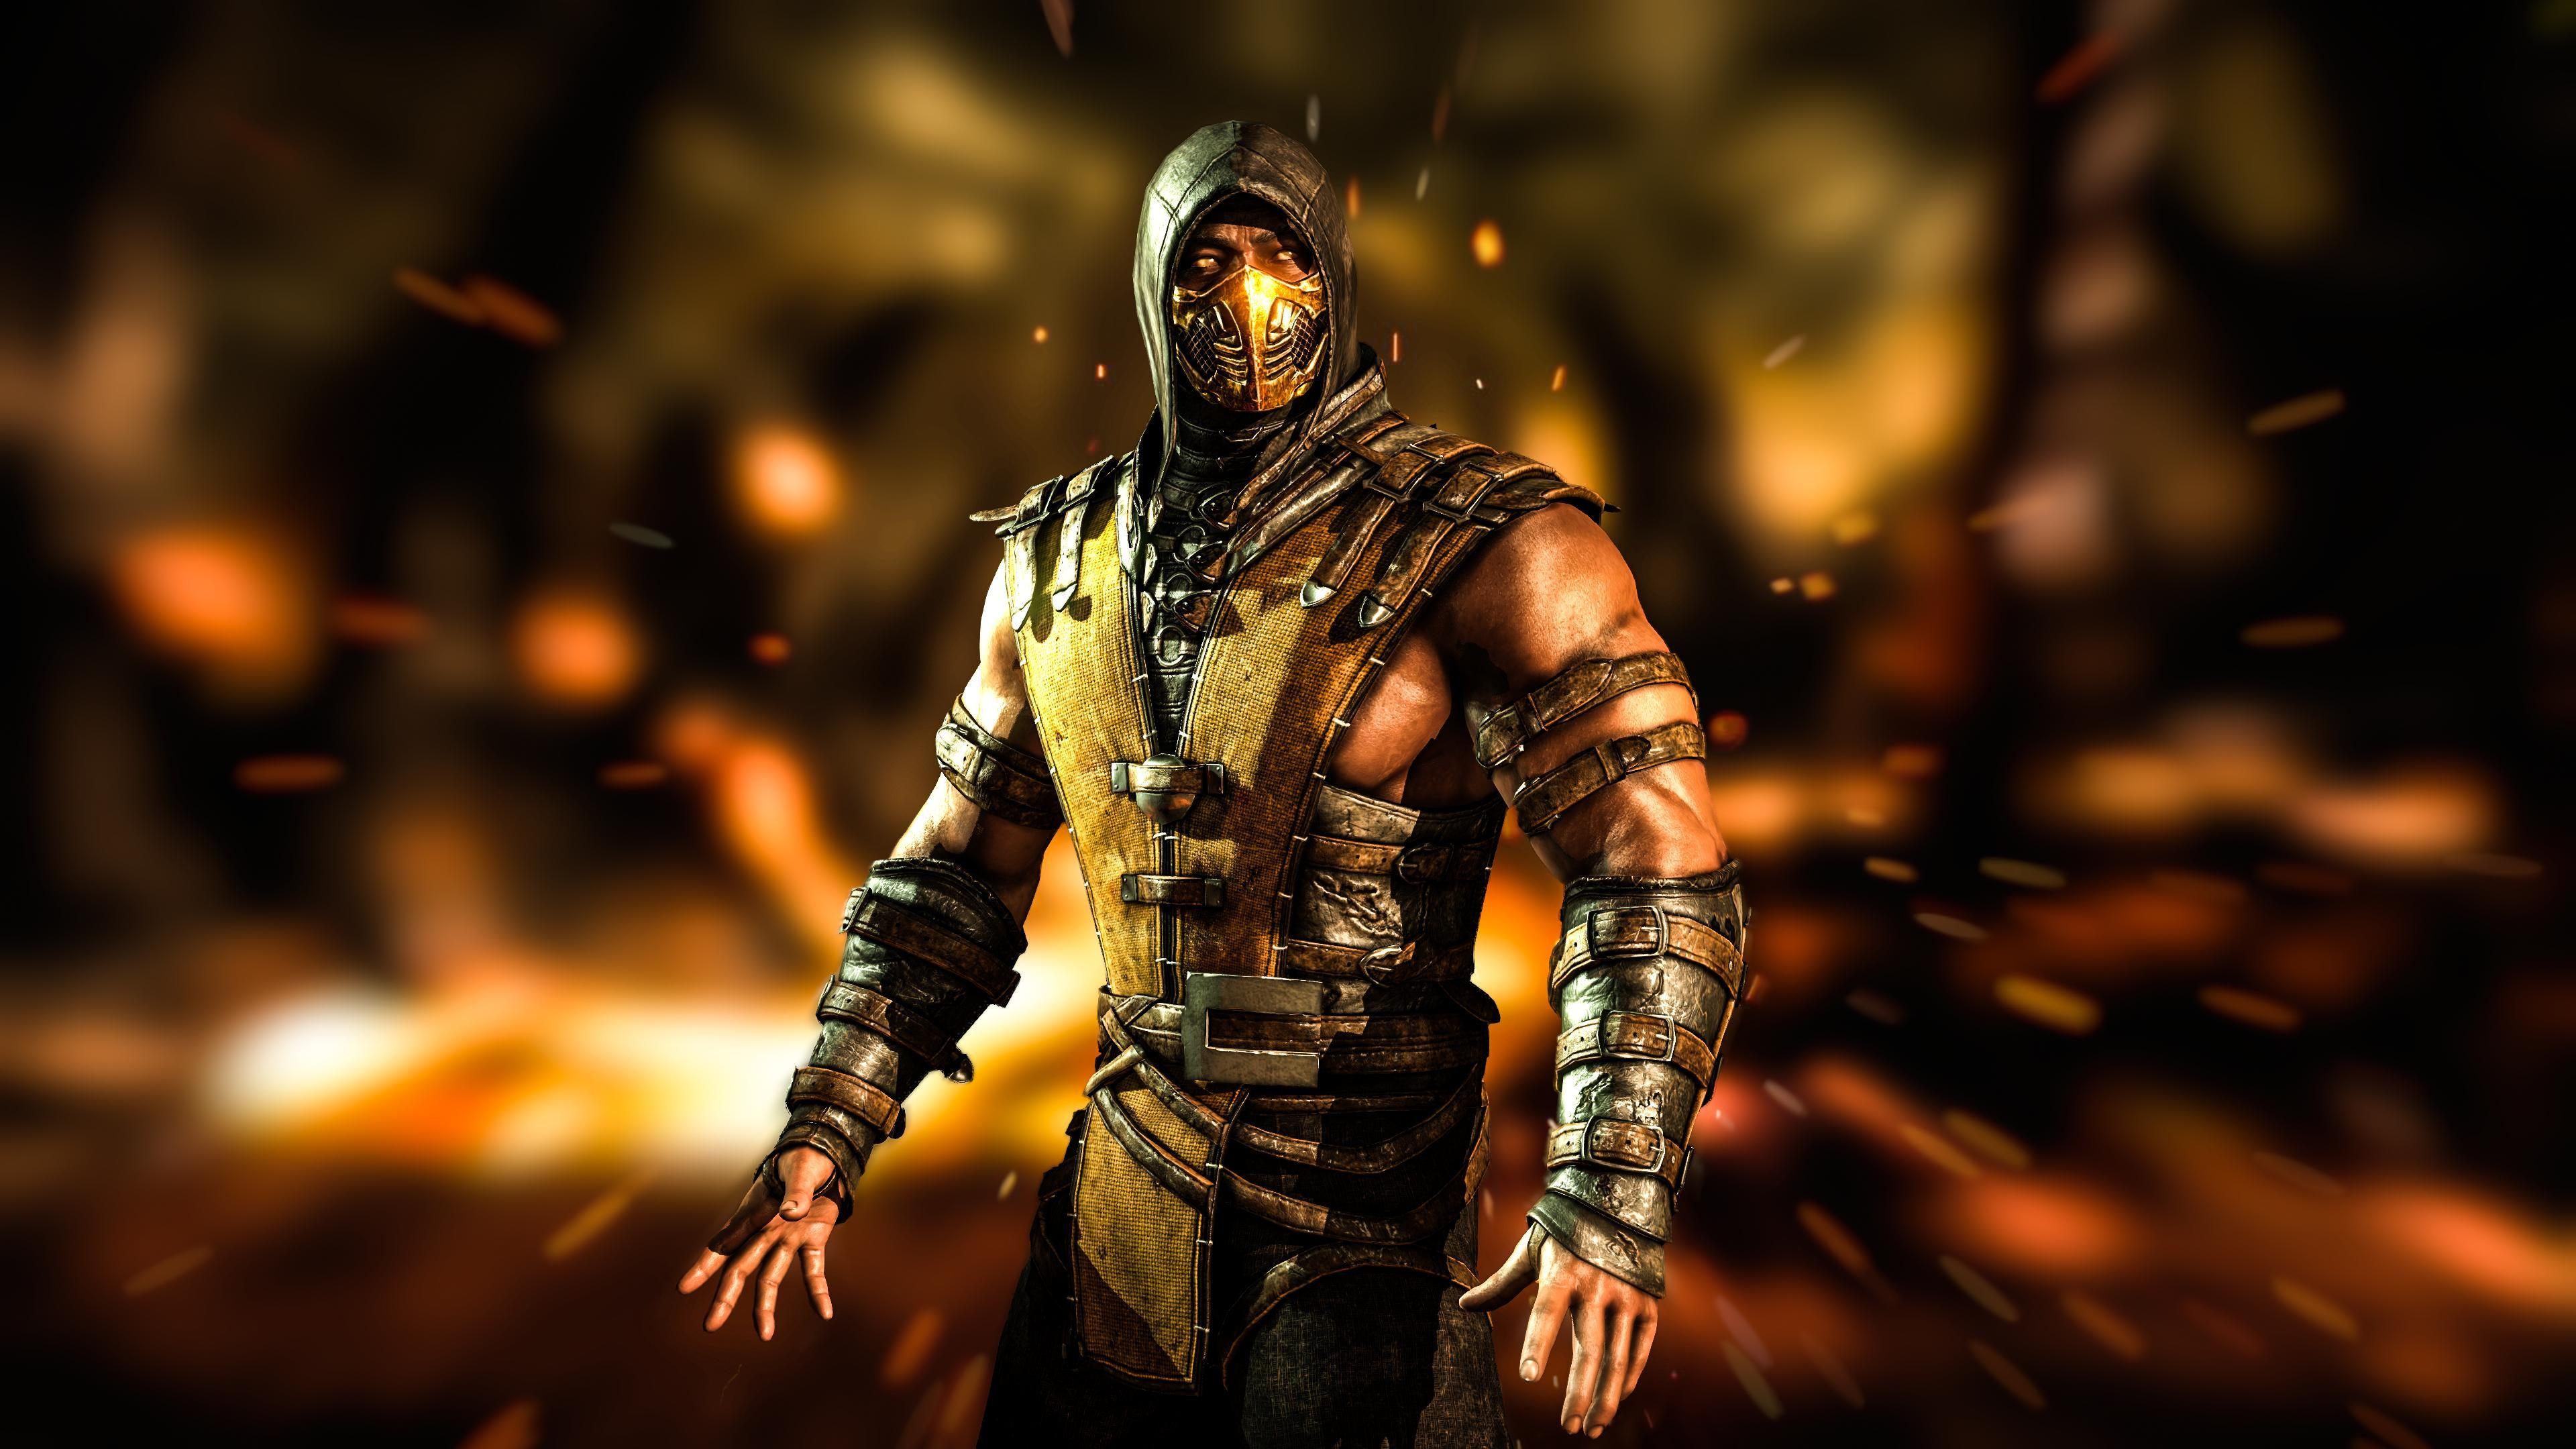 Mortal Kombat Scorpion Wallpaper Hd Resolution T4u Mortal Kombat Escorpio Viejitos